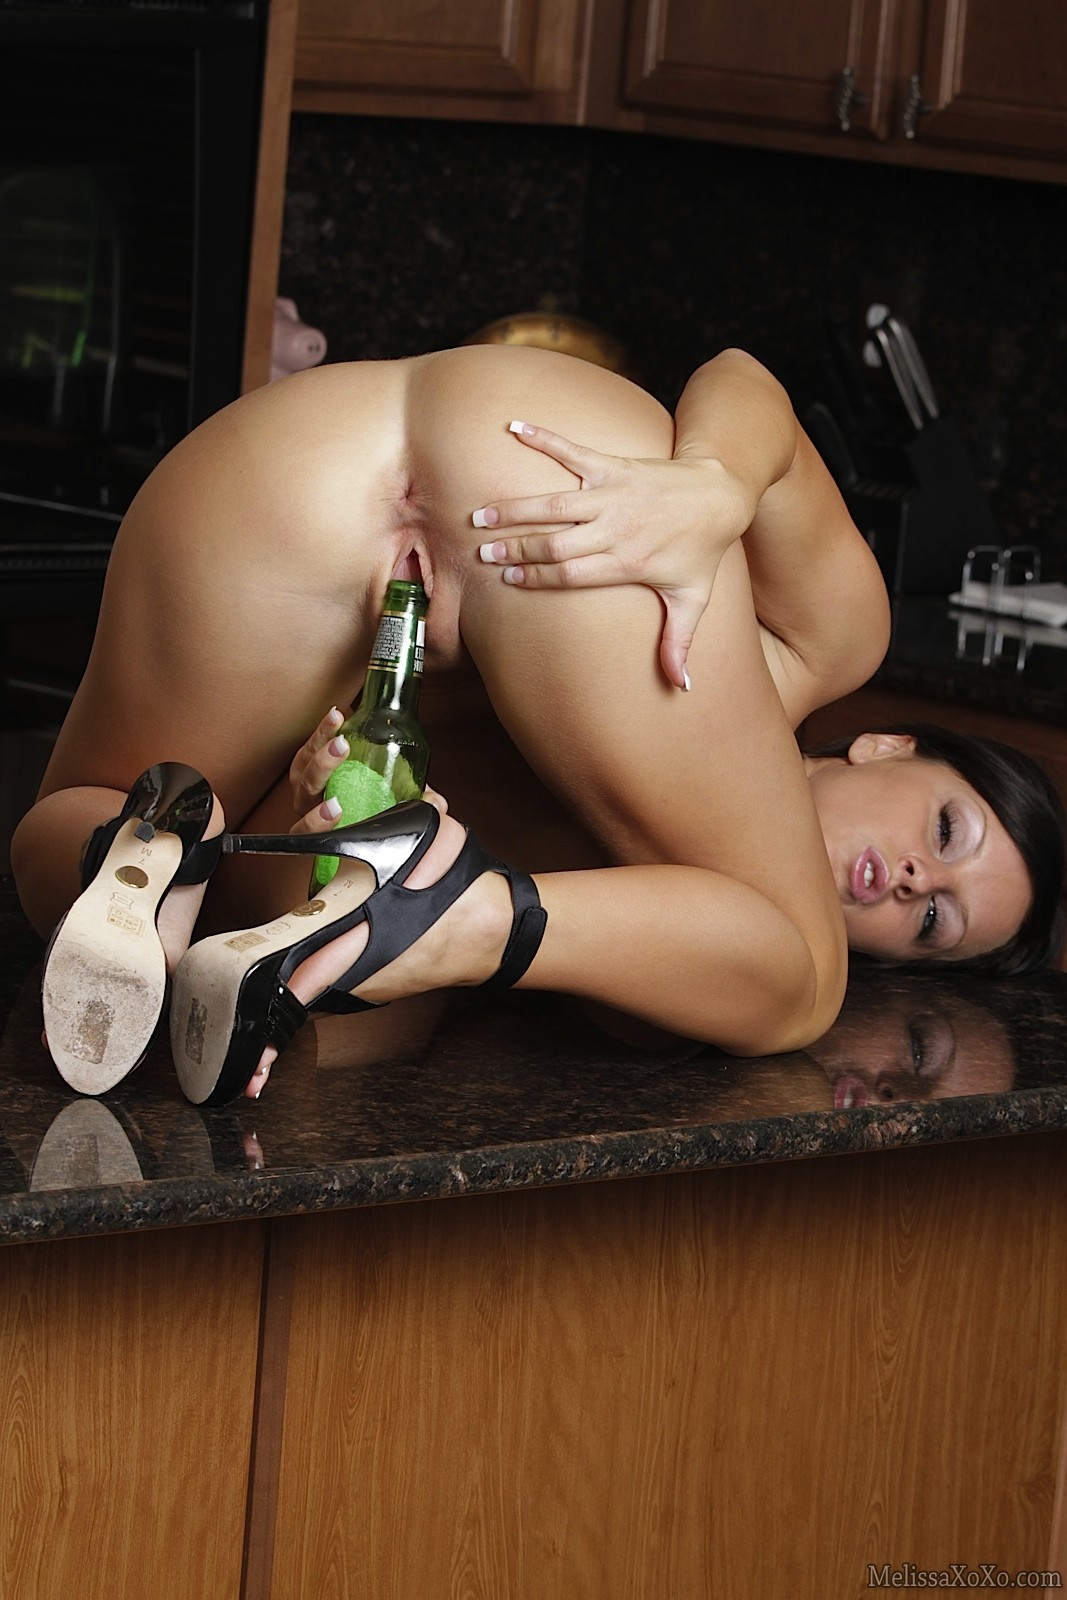 amateur girls fucking bottles